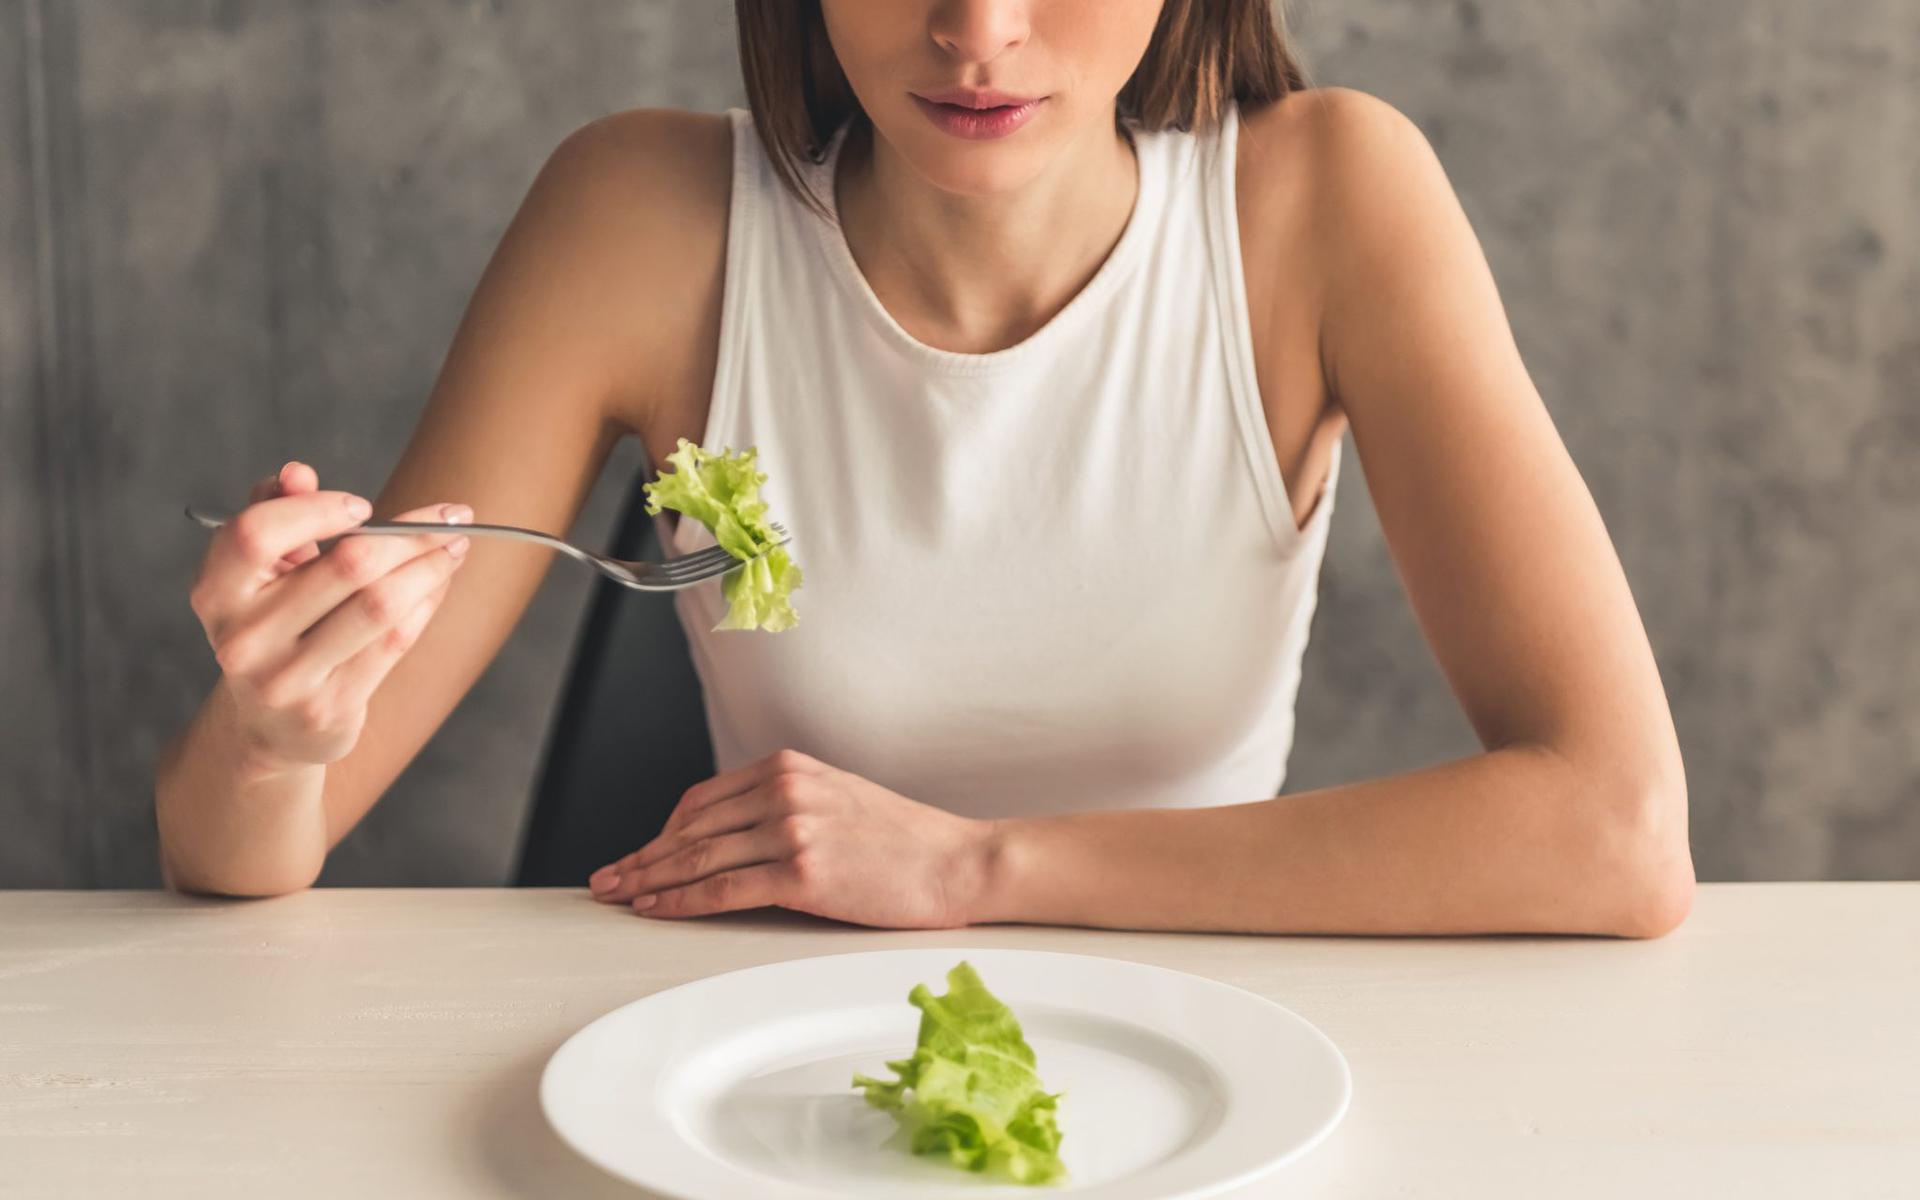 voluntari de pierdere în greutate